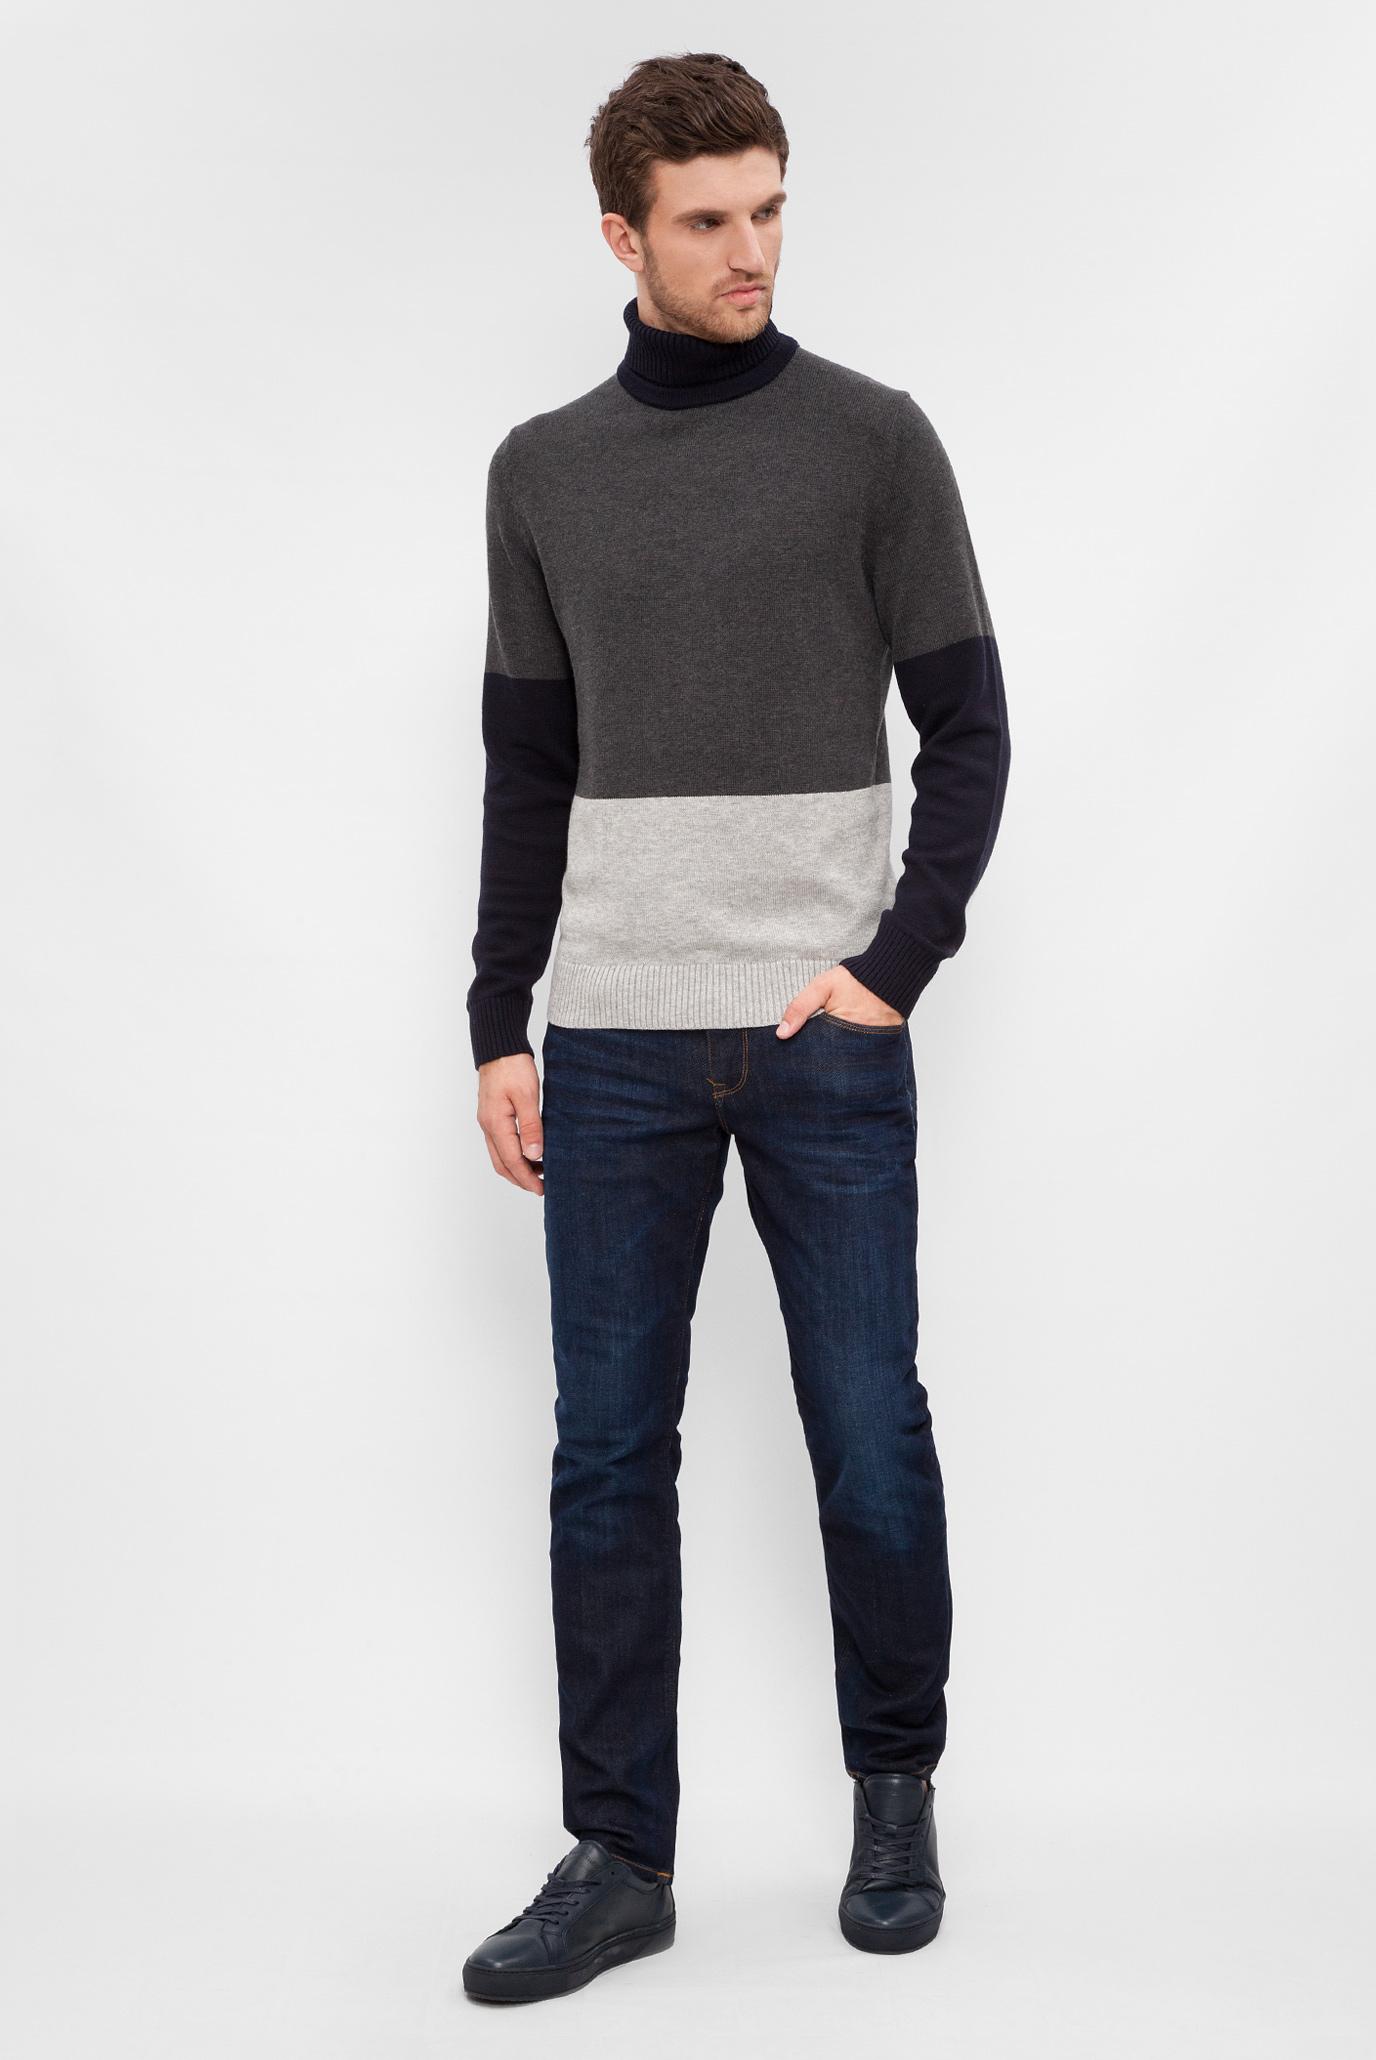 Купить Мужские темно-синие джинсы DENTON  Tommy Hilfiger Tommy Hilfiger MW0MW03352 – Киев, Украина. Цены в интернет магазине MD Fashion